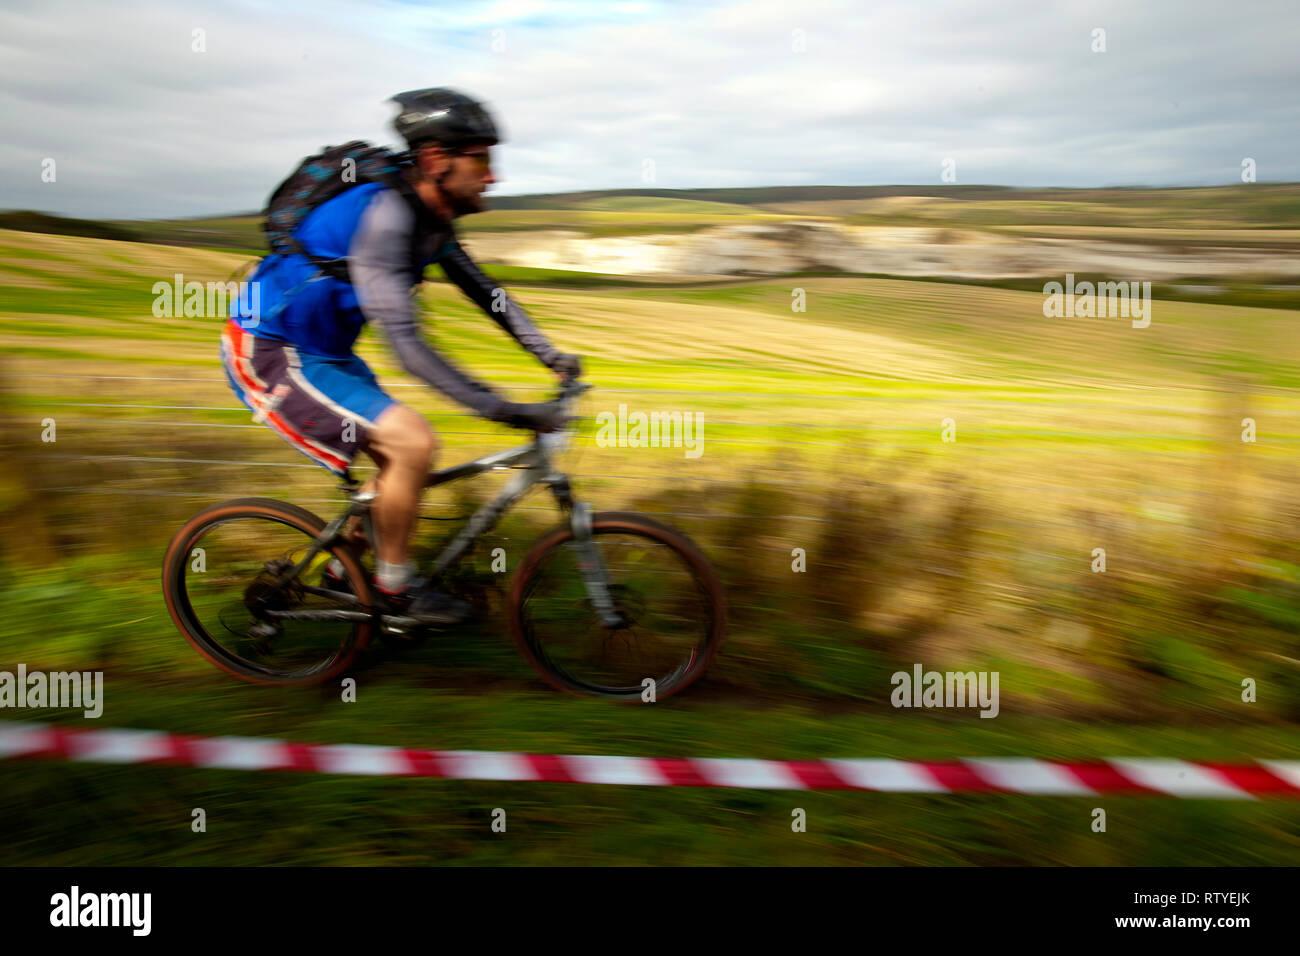 Ciclo, ciclismo, paseos en bicicleta, gimnasio, viajes, raza, Imagen De Stock